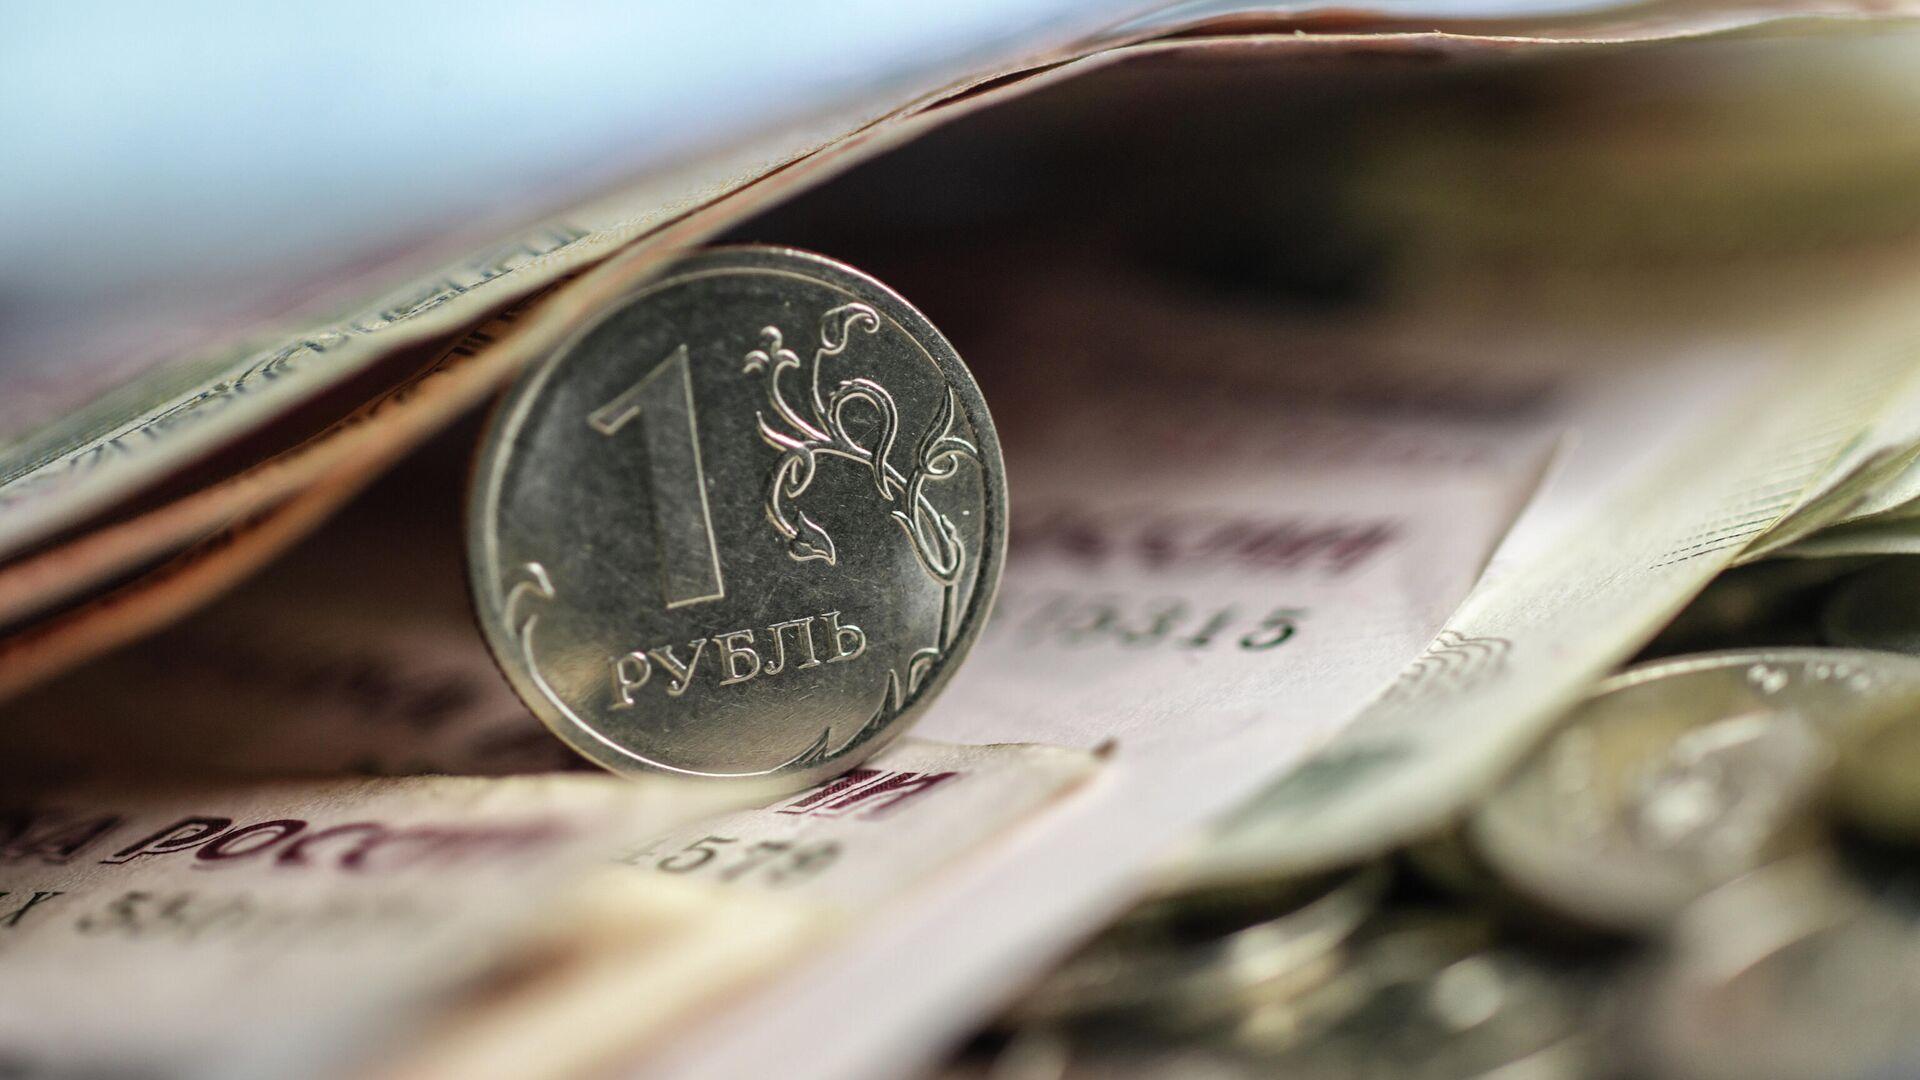 Денежные купюры и монеты - РИА Новости, 1920, 22.04.2021